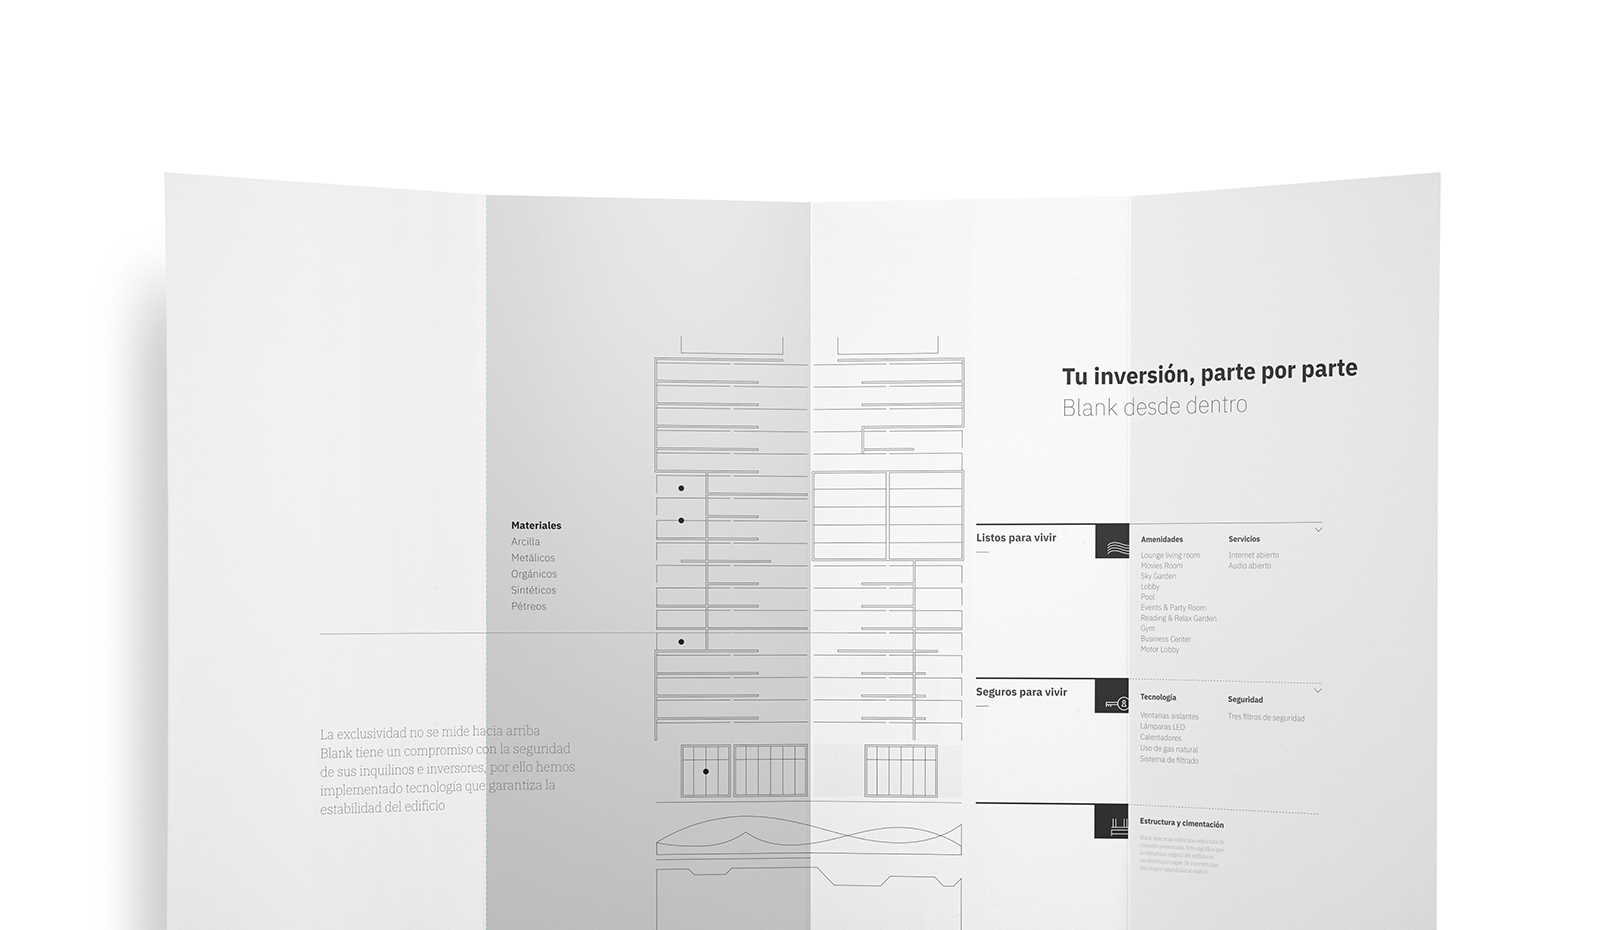 Muestra del diseño editorial de un tríptico del desarrollo departamental Blank, ubicado en la entrada de Lomas de Angelópolis I, en Puebla, México.